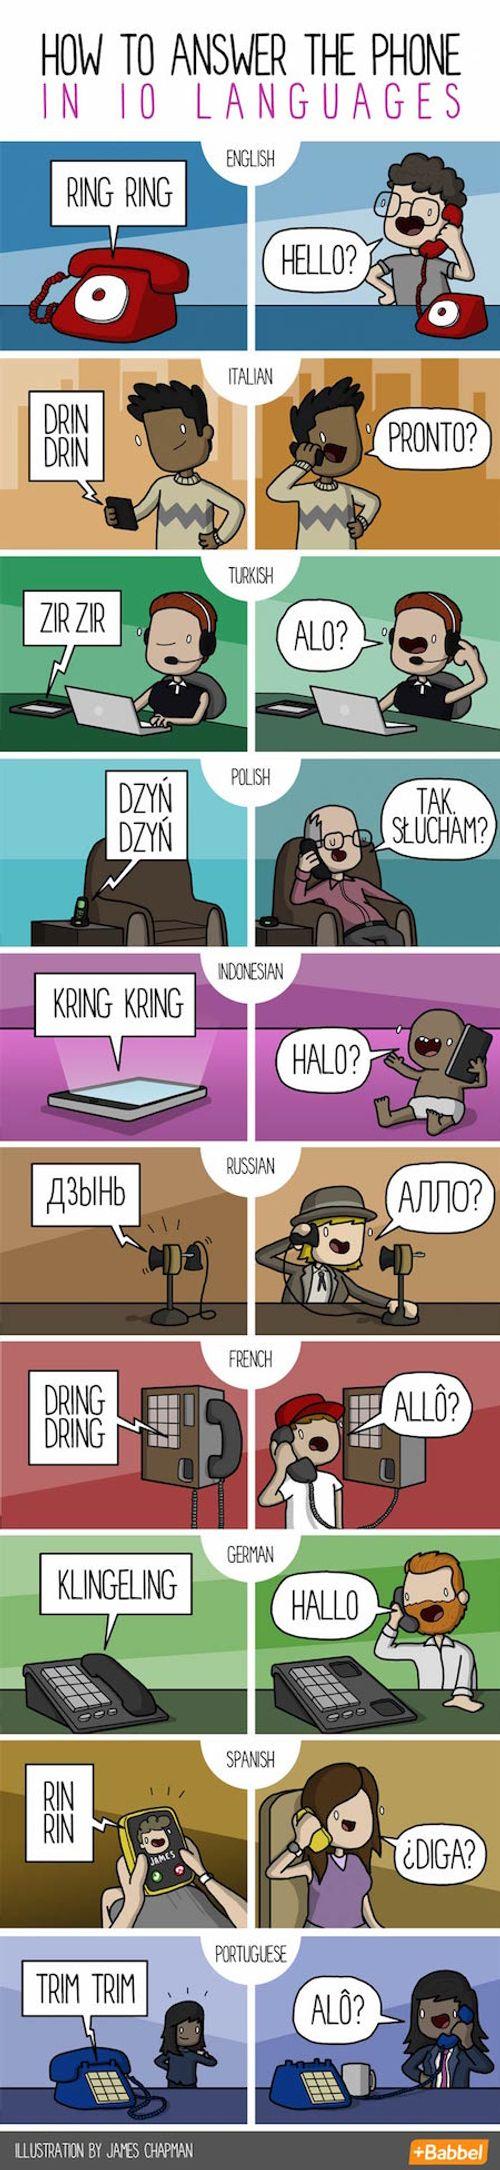 Lời chào qua điện thoại bằng các ngôn ngữ khác nhau - Ảnh 1